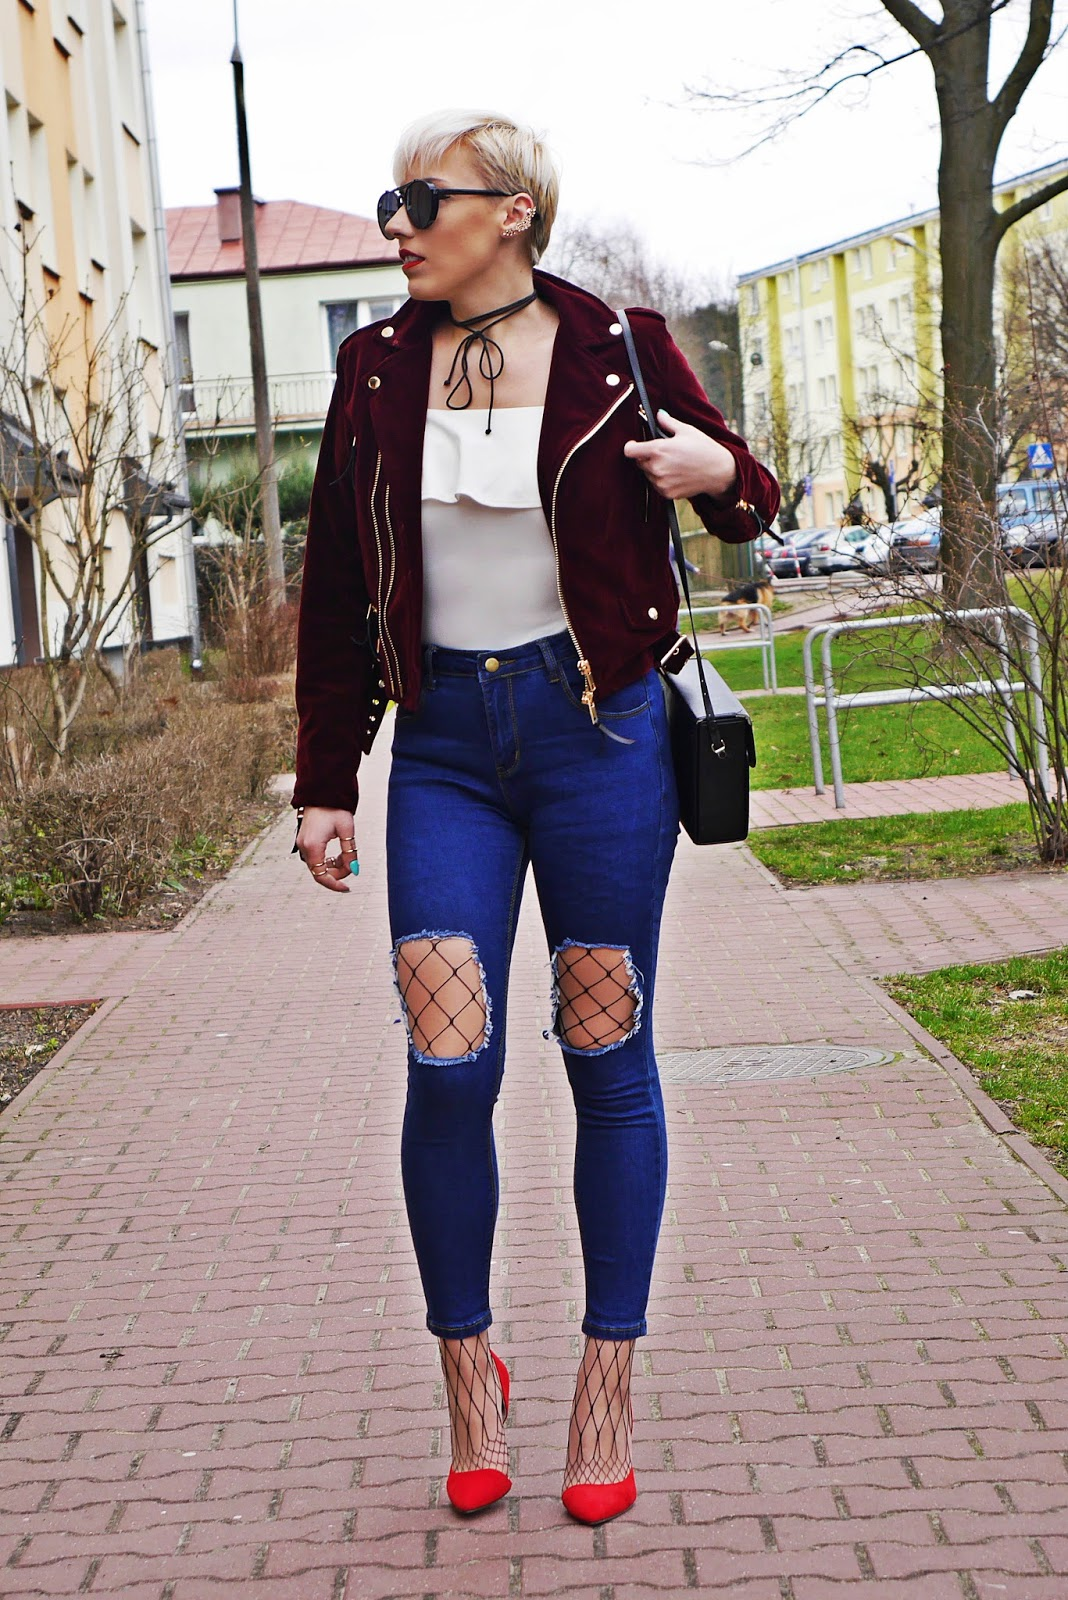 czerwone_szpilki_welurowa_ramoneska_karyn_blog_look-ootd_300317b